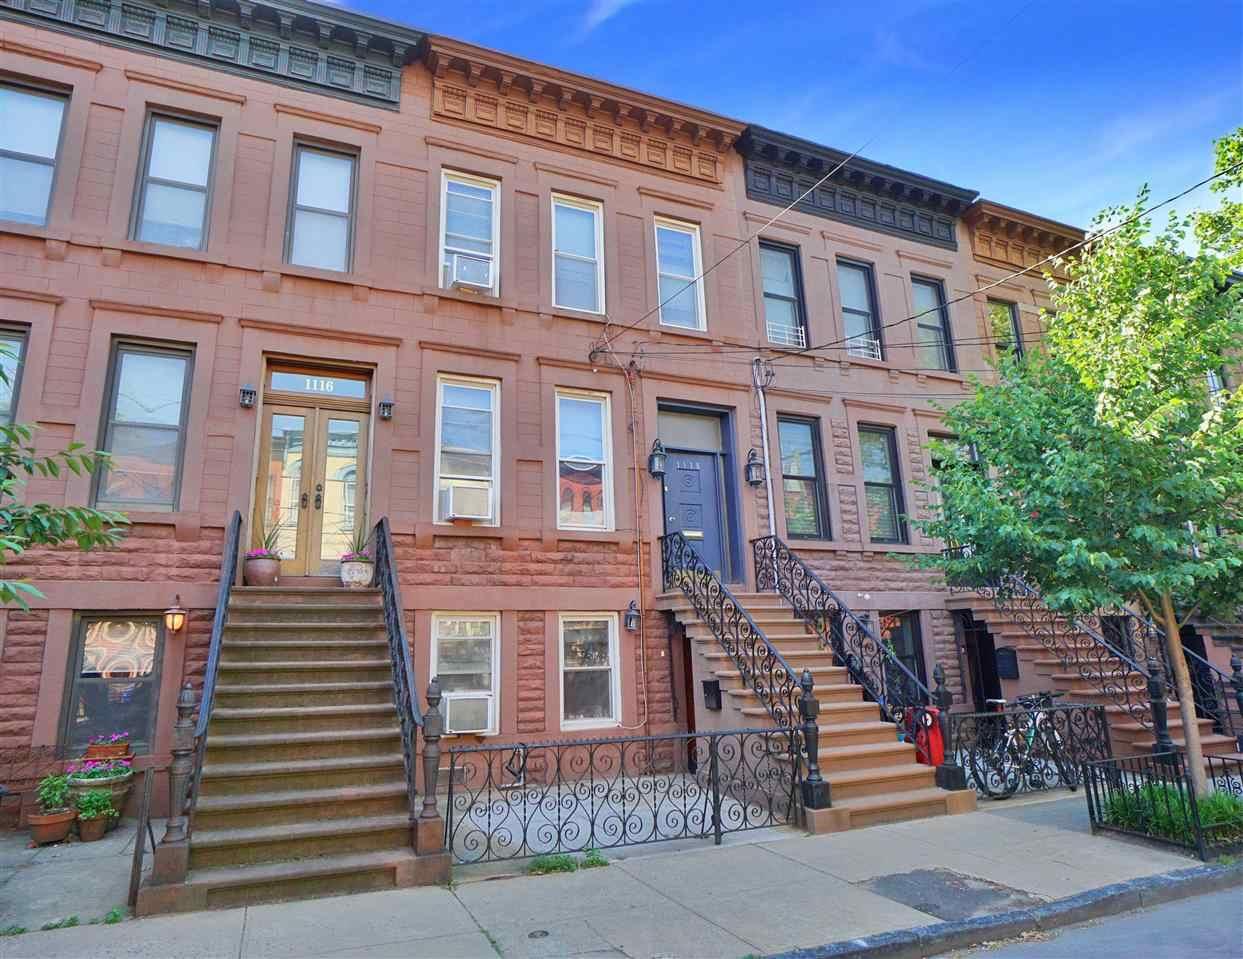 1118 PARK AVE, Hoboken, NJ 07030 - #: 202010999